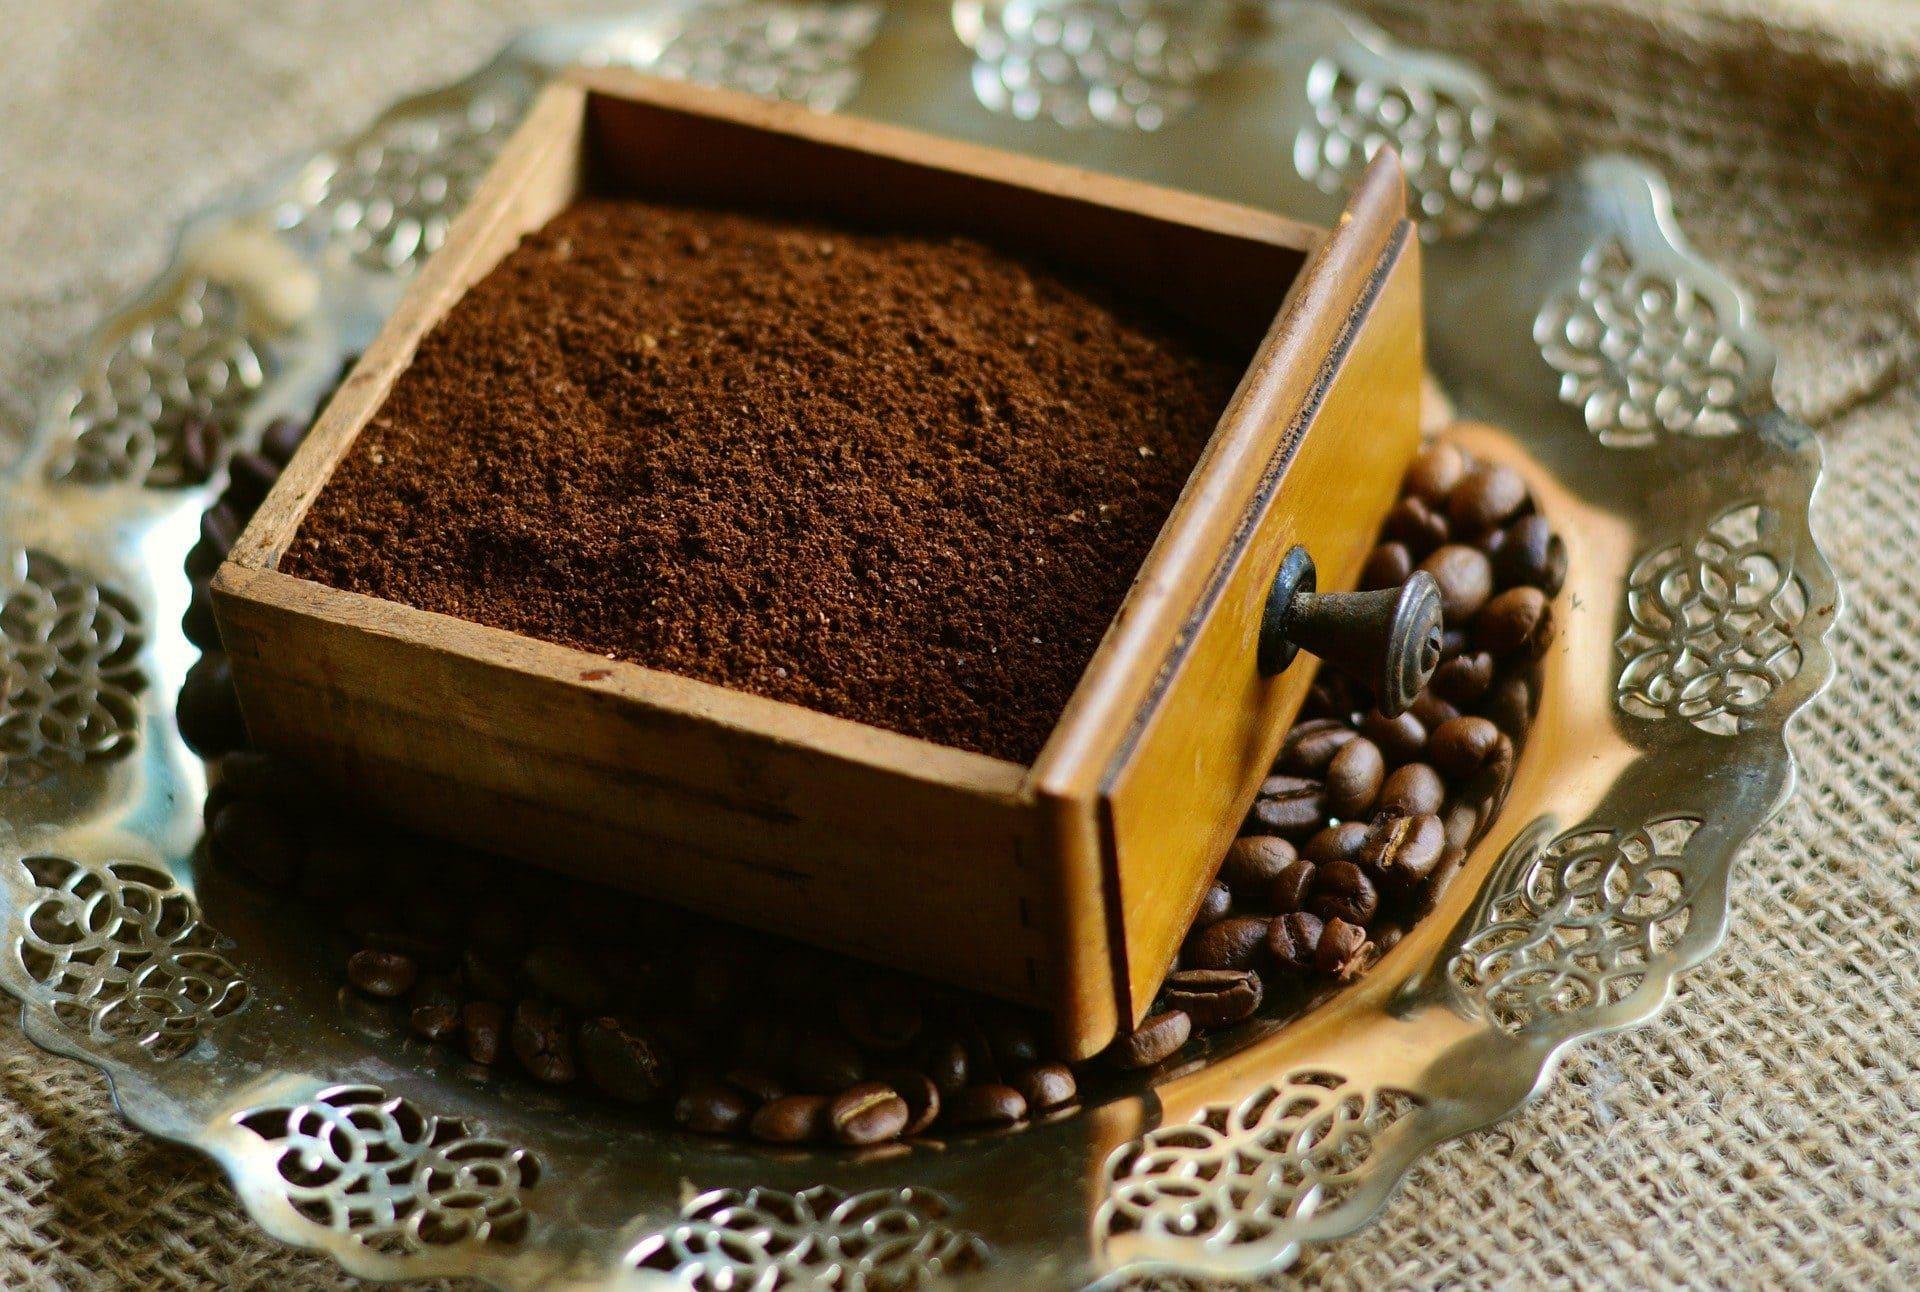 L'utilité de marc de café au jardinage